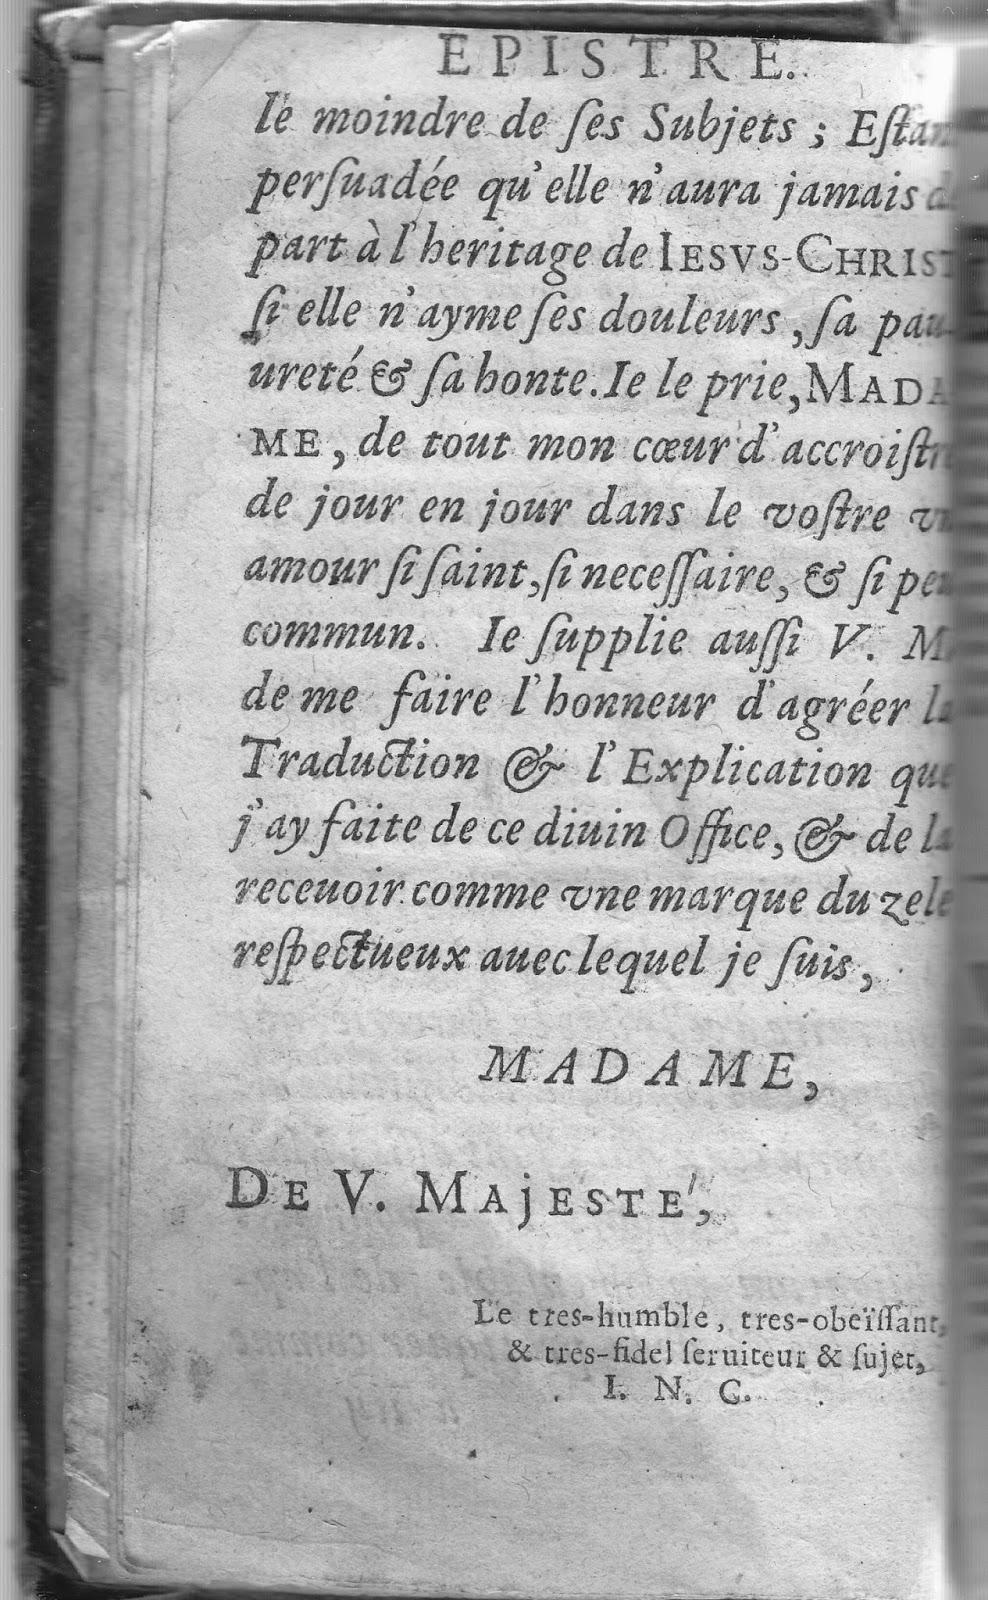 Les missels de marie office de la semaine sainte 1667 - Office des lectures du jour ...